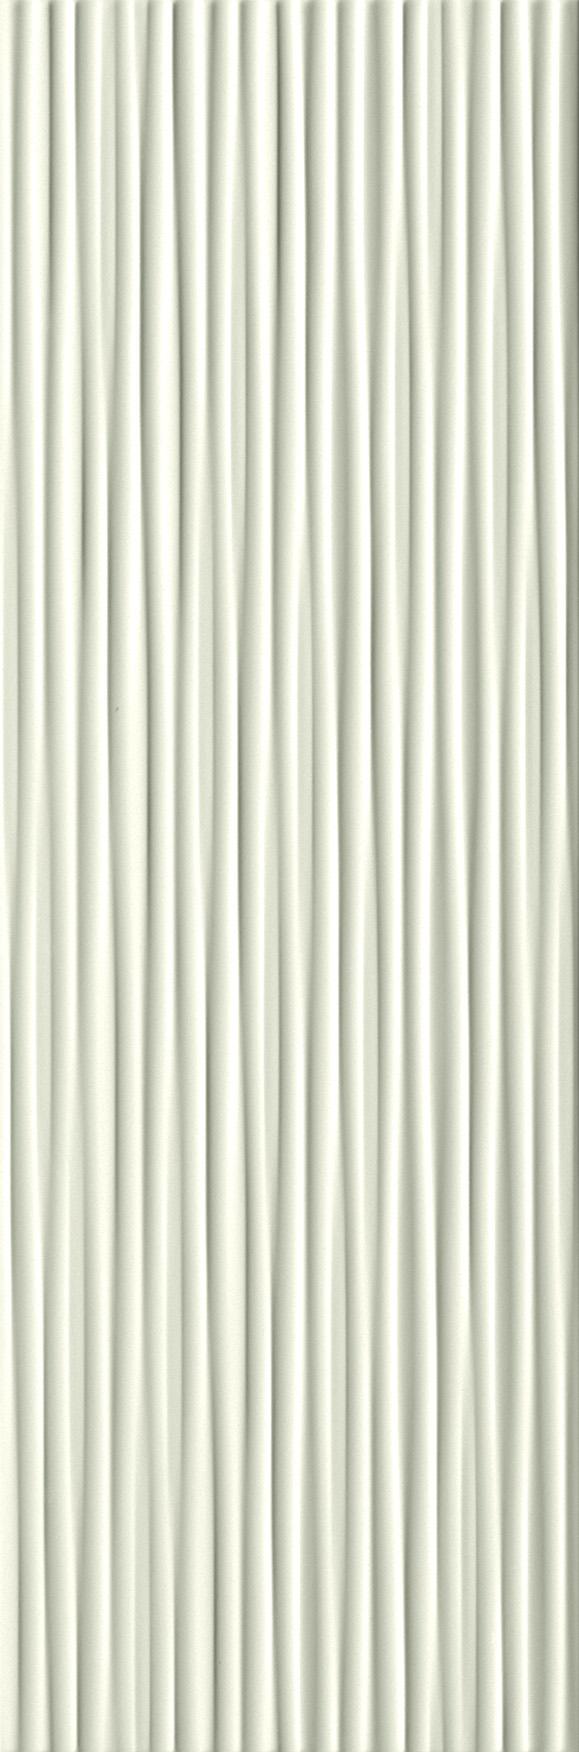 Настенная плитка FAP Ceramiche Lumina +23866 Line Beige Matt настенная плитка fap ceramiche manhattan 14238 beige